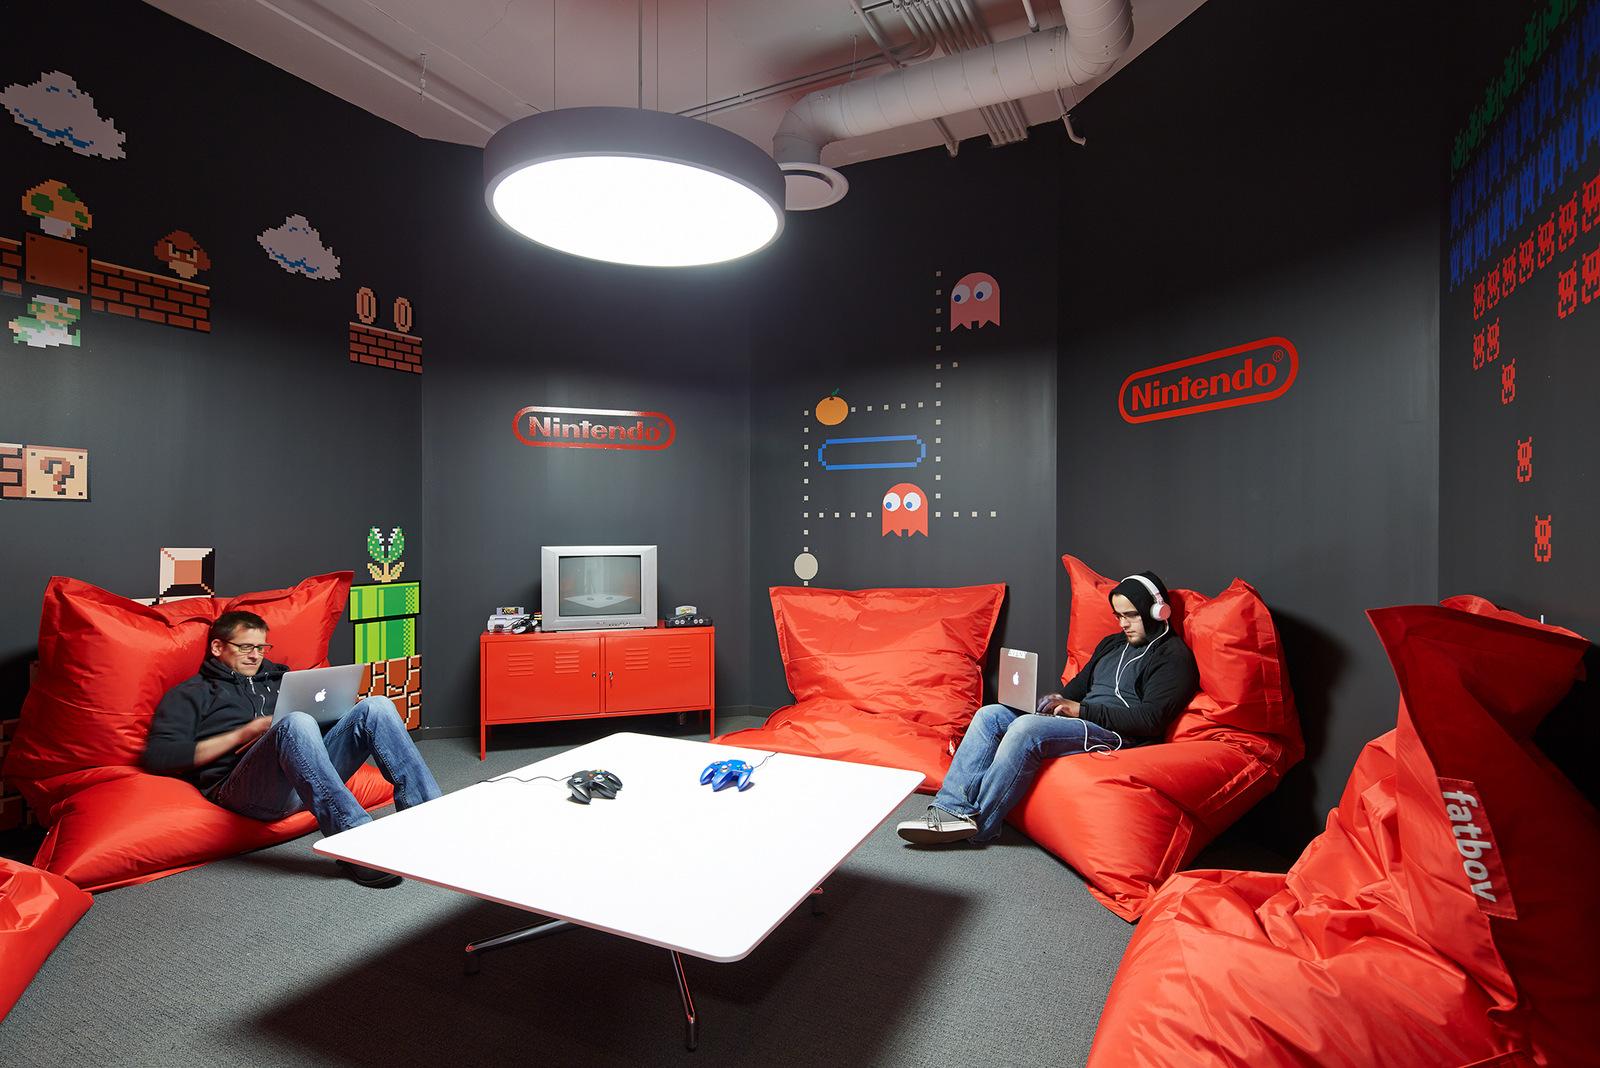 时尚办公网 办公设计 设计欣赏 炫彩人生 信贷金融科技avant芝加哥总部设计欣赏